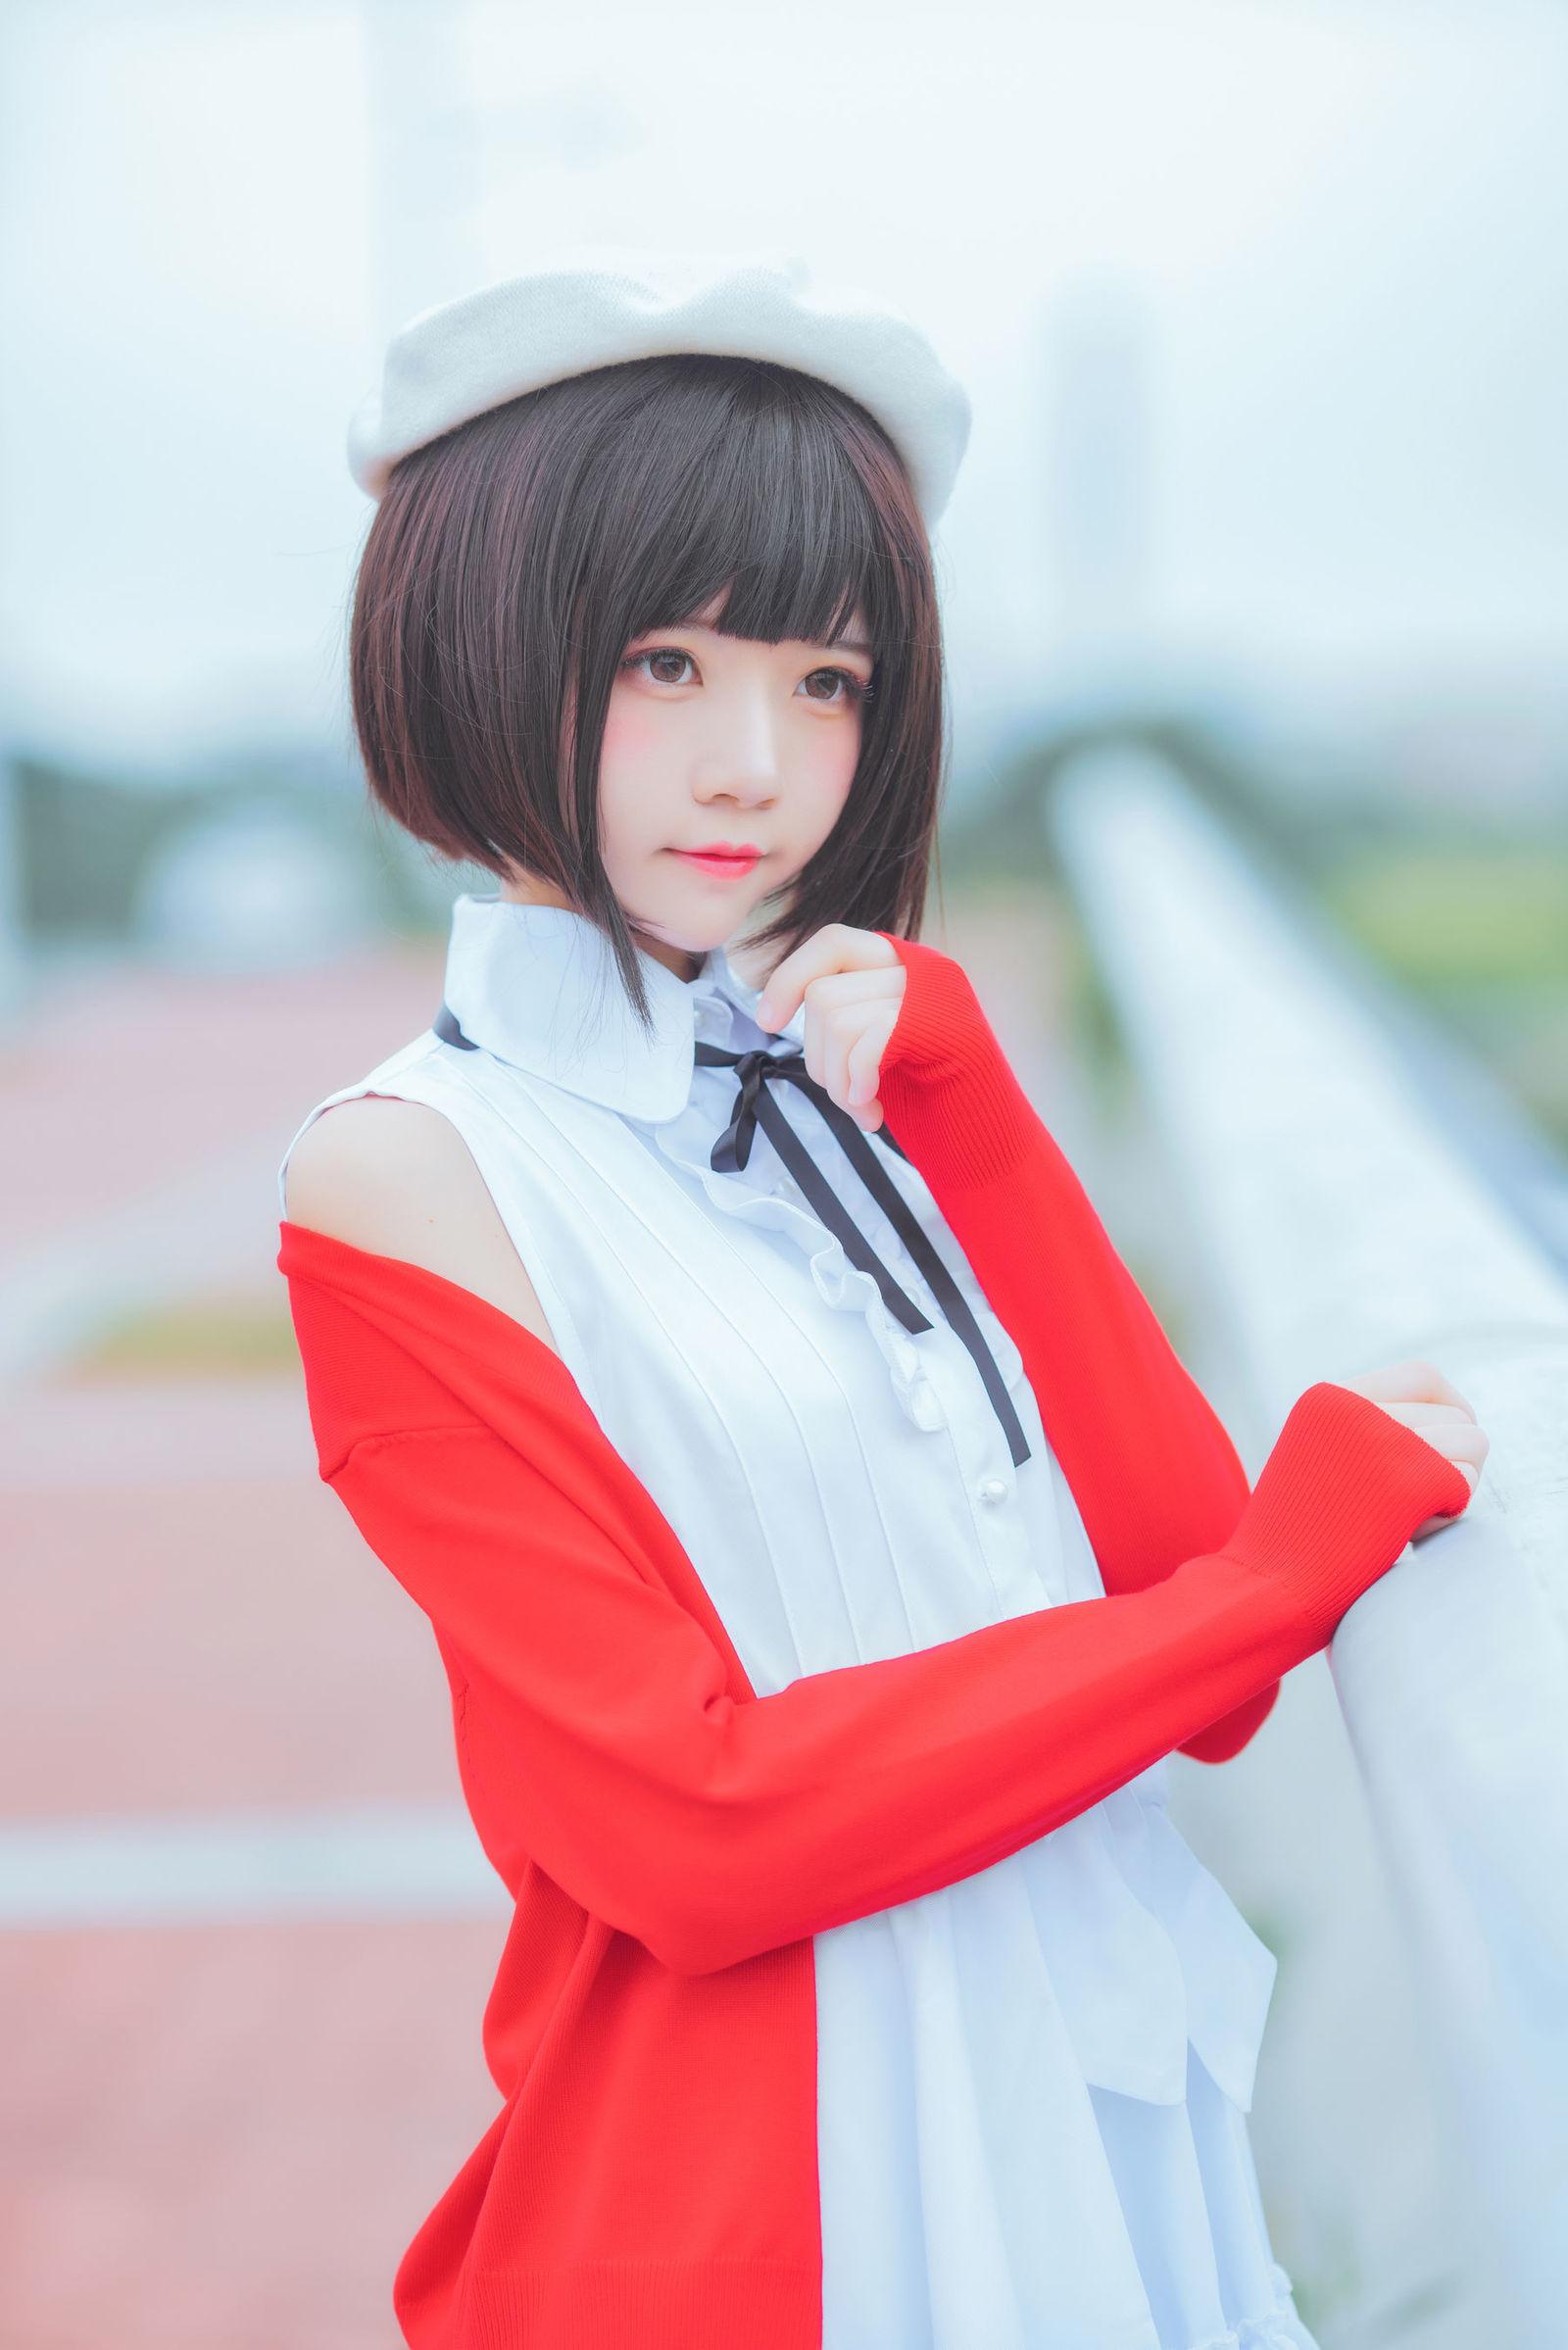 加藤惠 桜桃喵 COSPLAY01